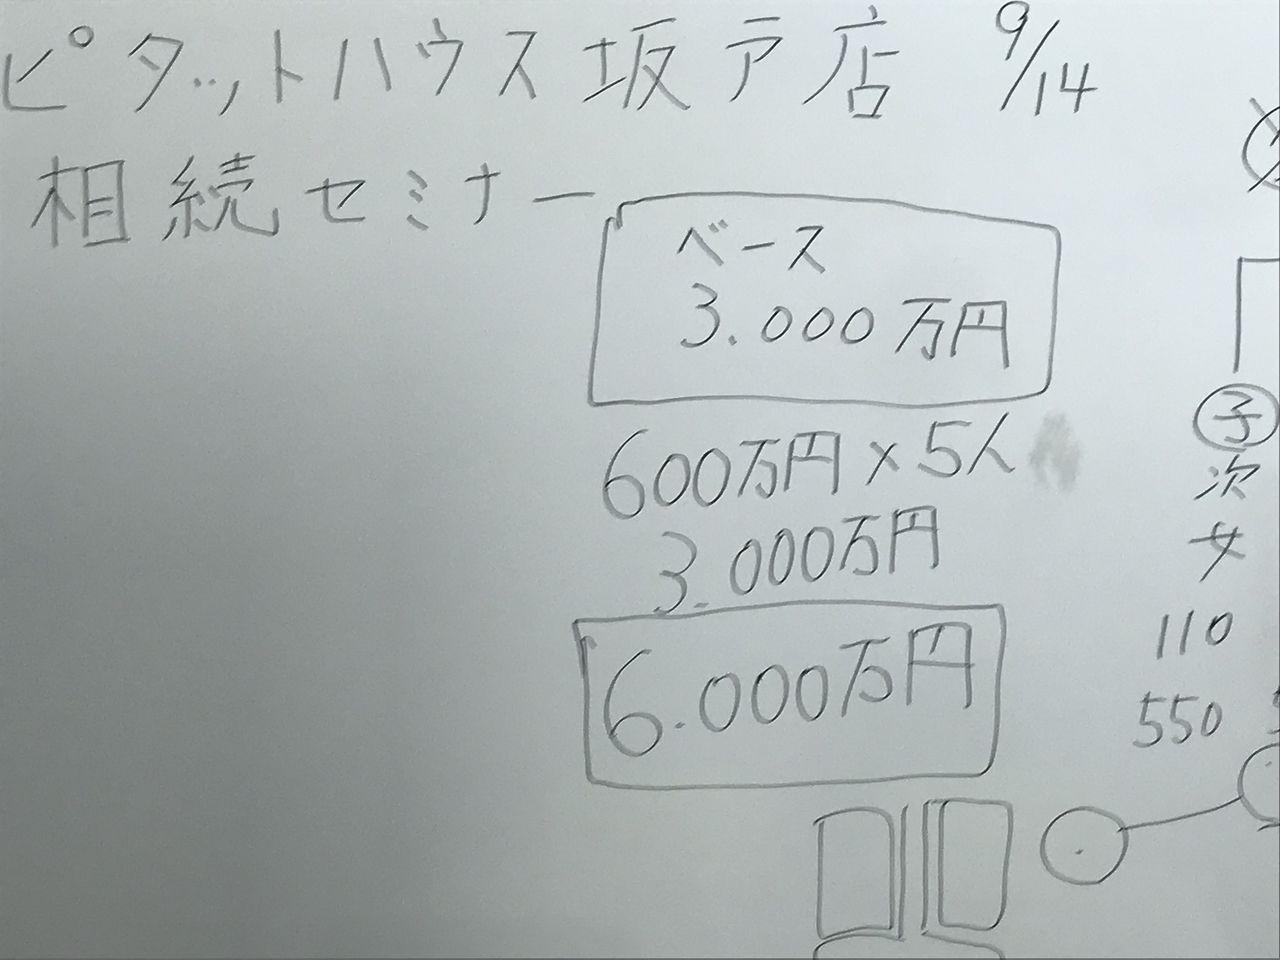 〇ピタットハウス坂戸店セミナー情報〇